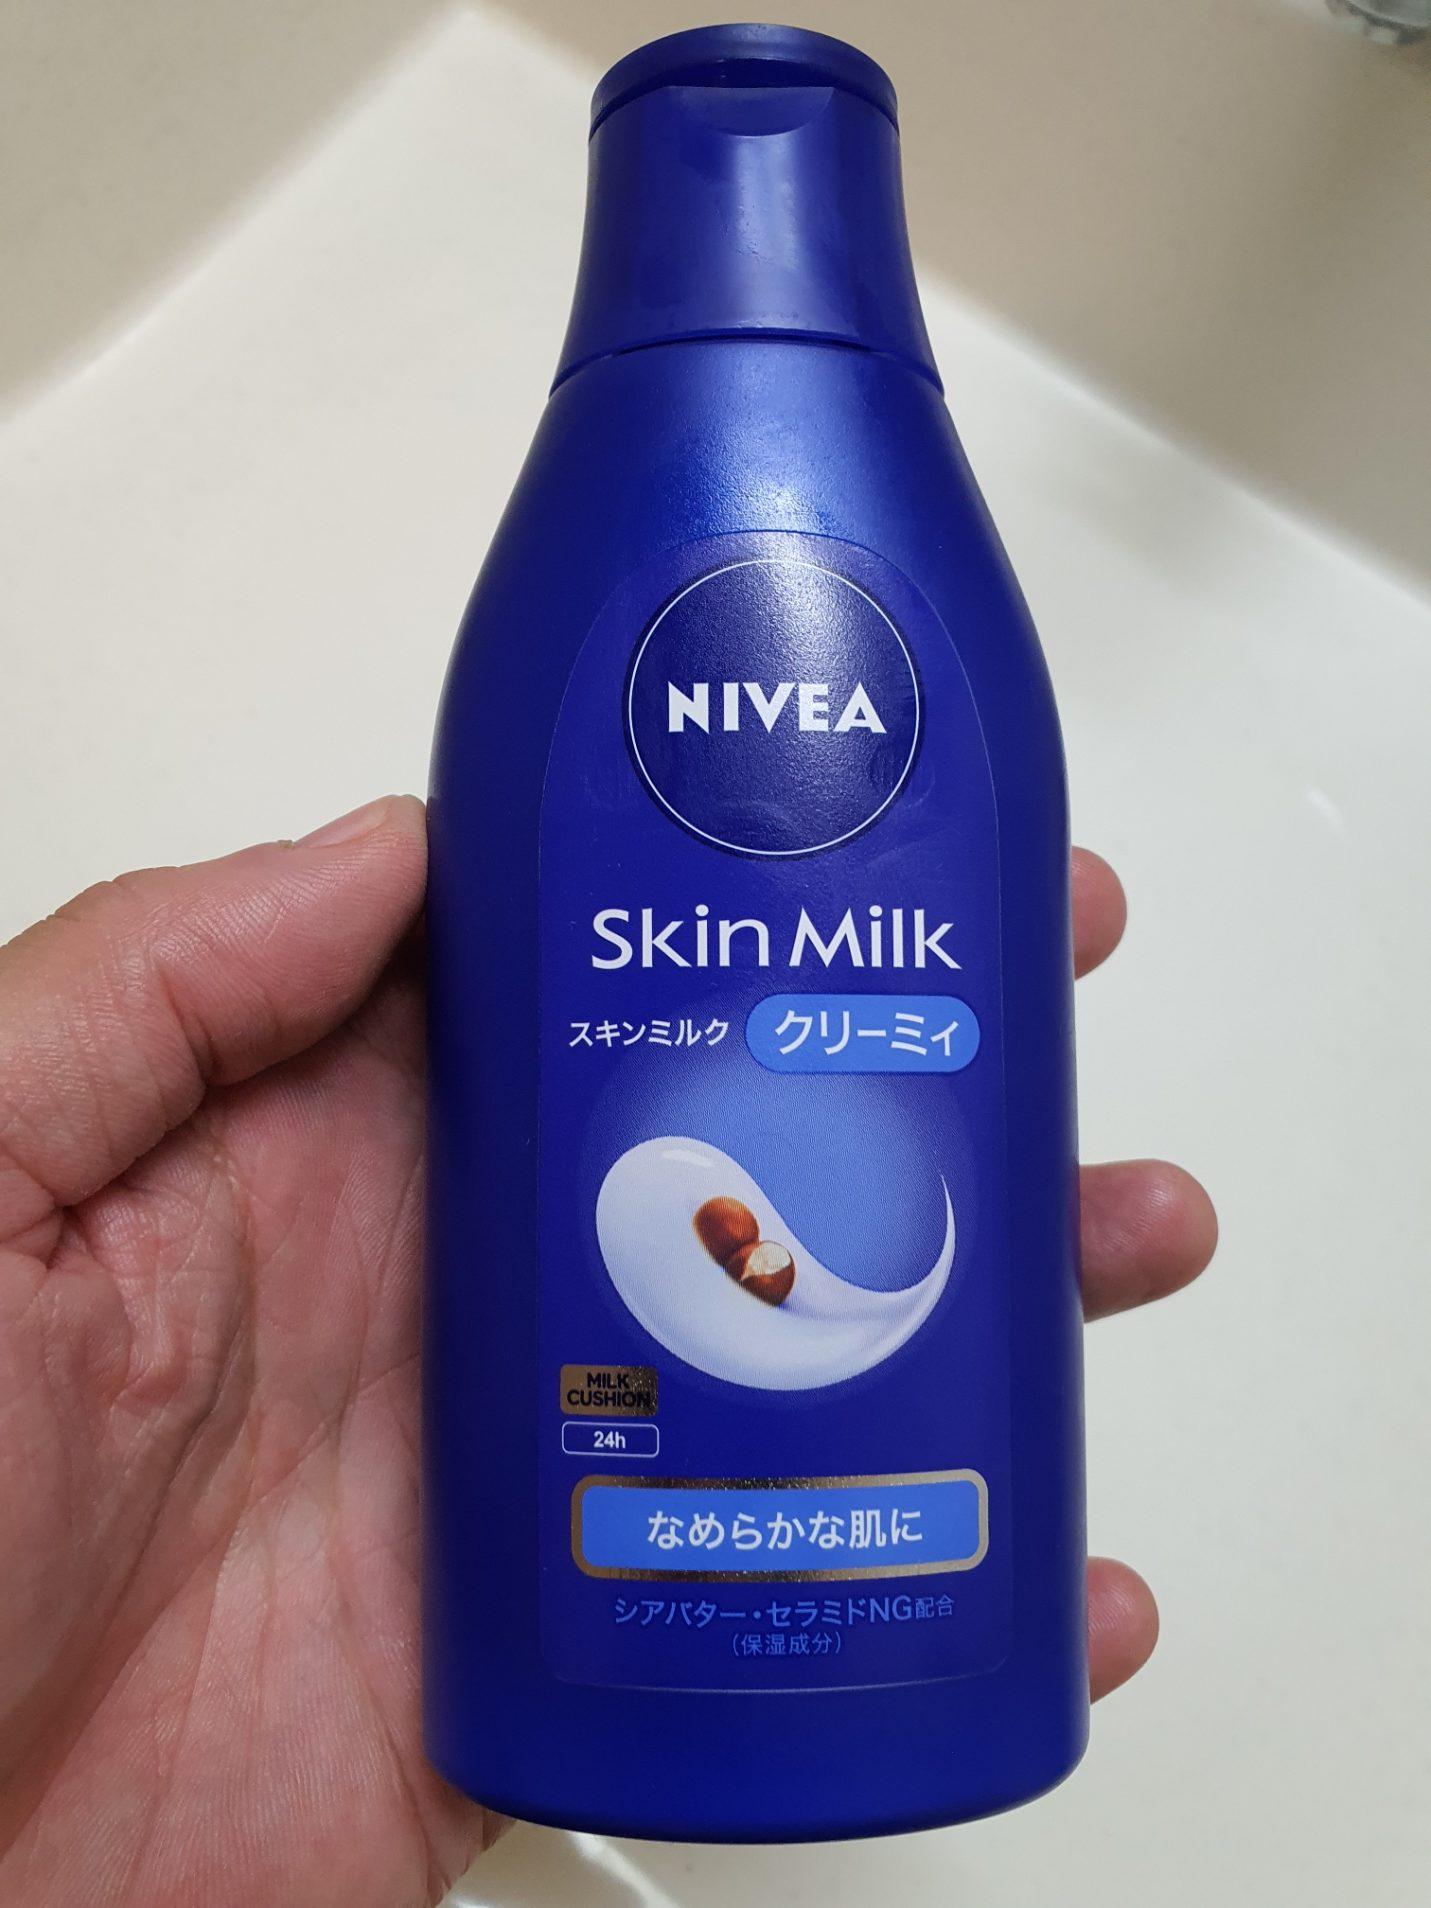 ニベア スキンミルク